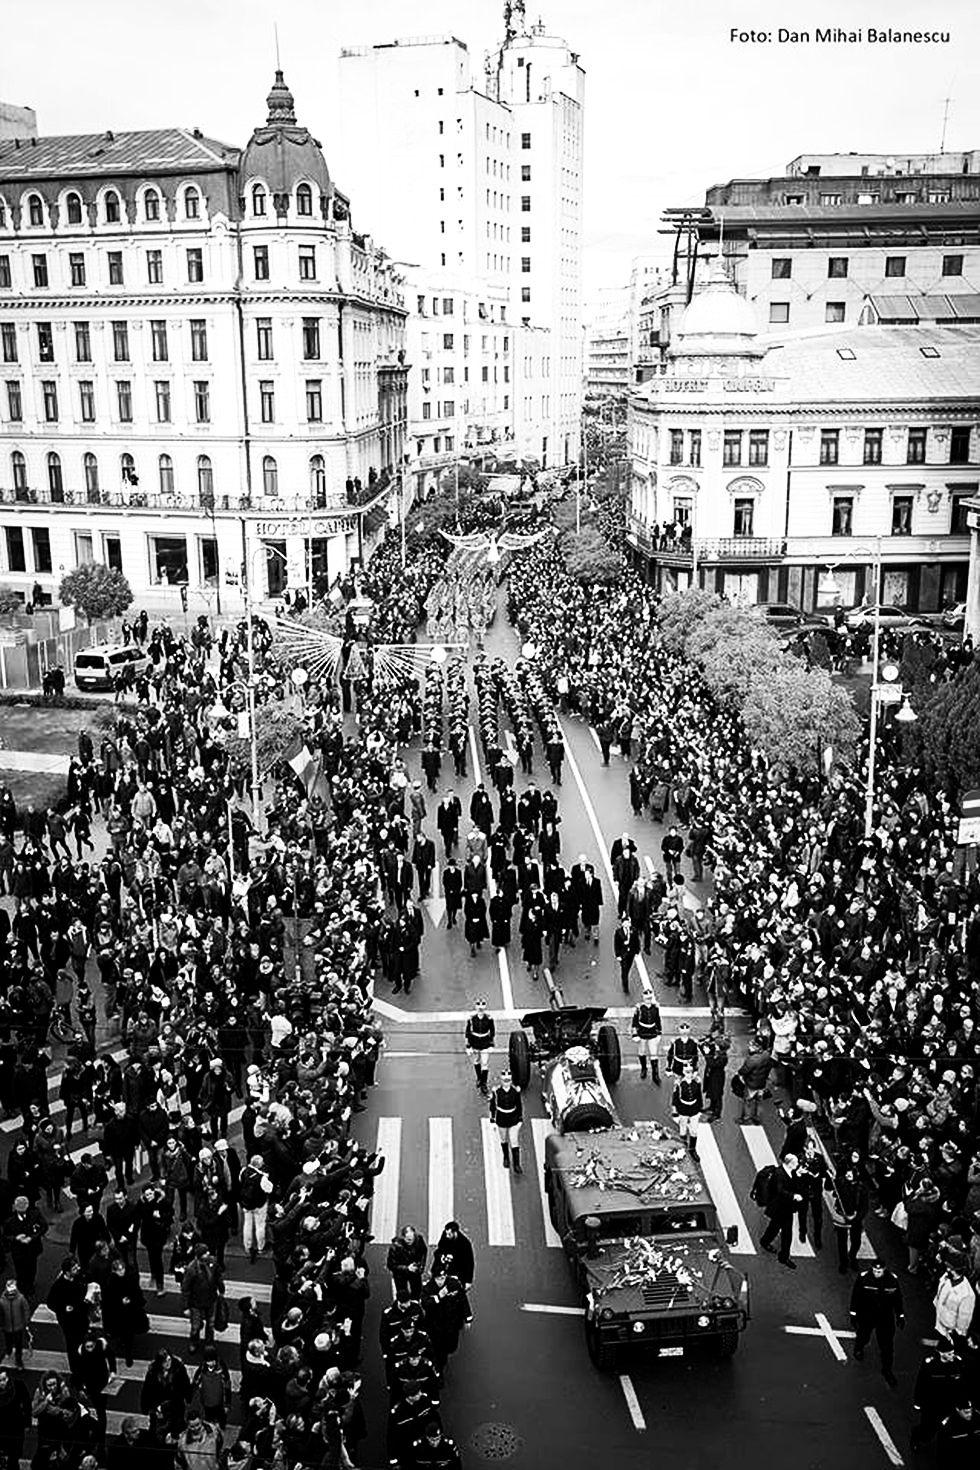 Virată în alb și negru, această fotografie a lui Dan Mihai Bălănescu arată ca o procesiune din Bucureștiul interbelic